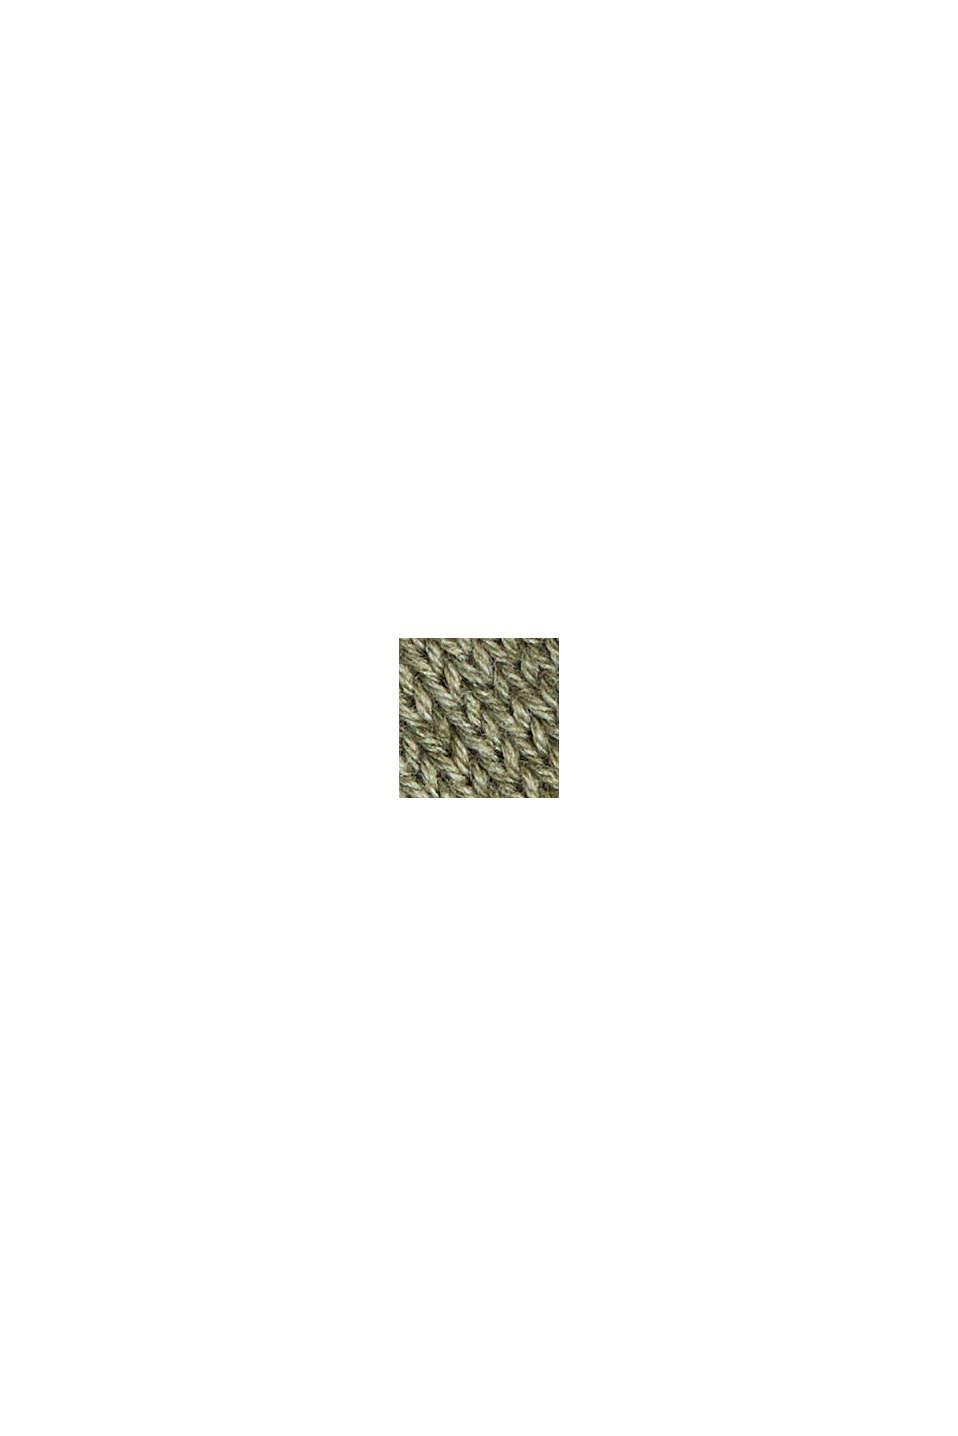 Jersey en 100% algodón ecológico, LIGHT KHAKI, swatch